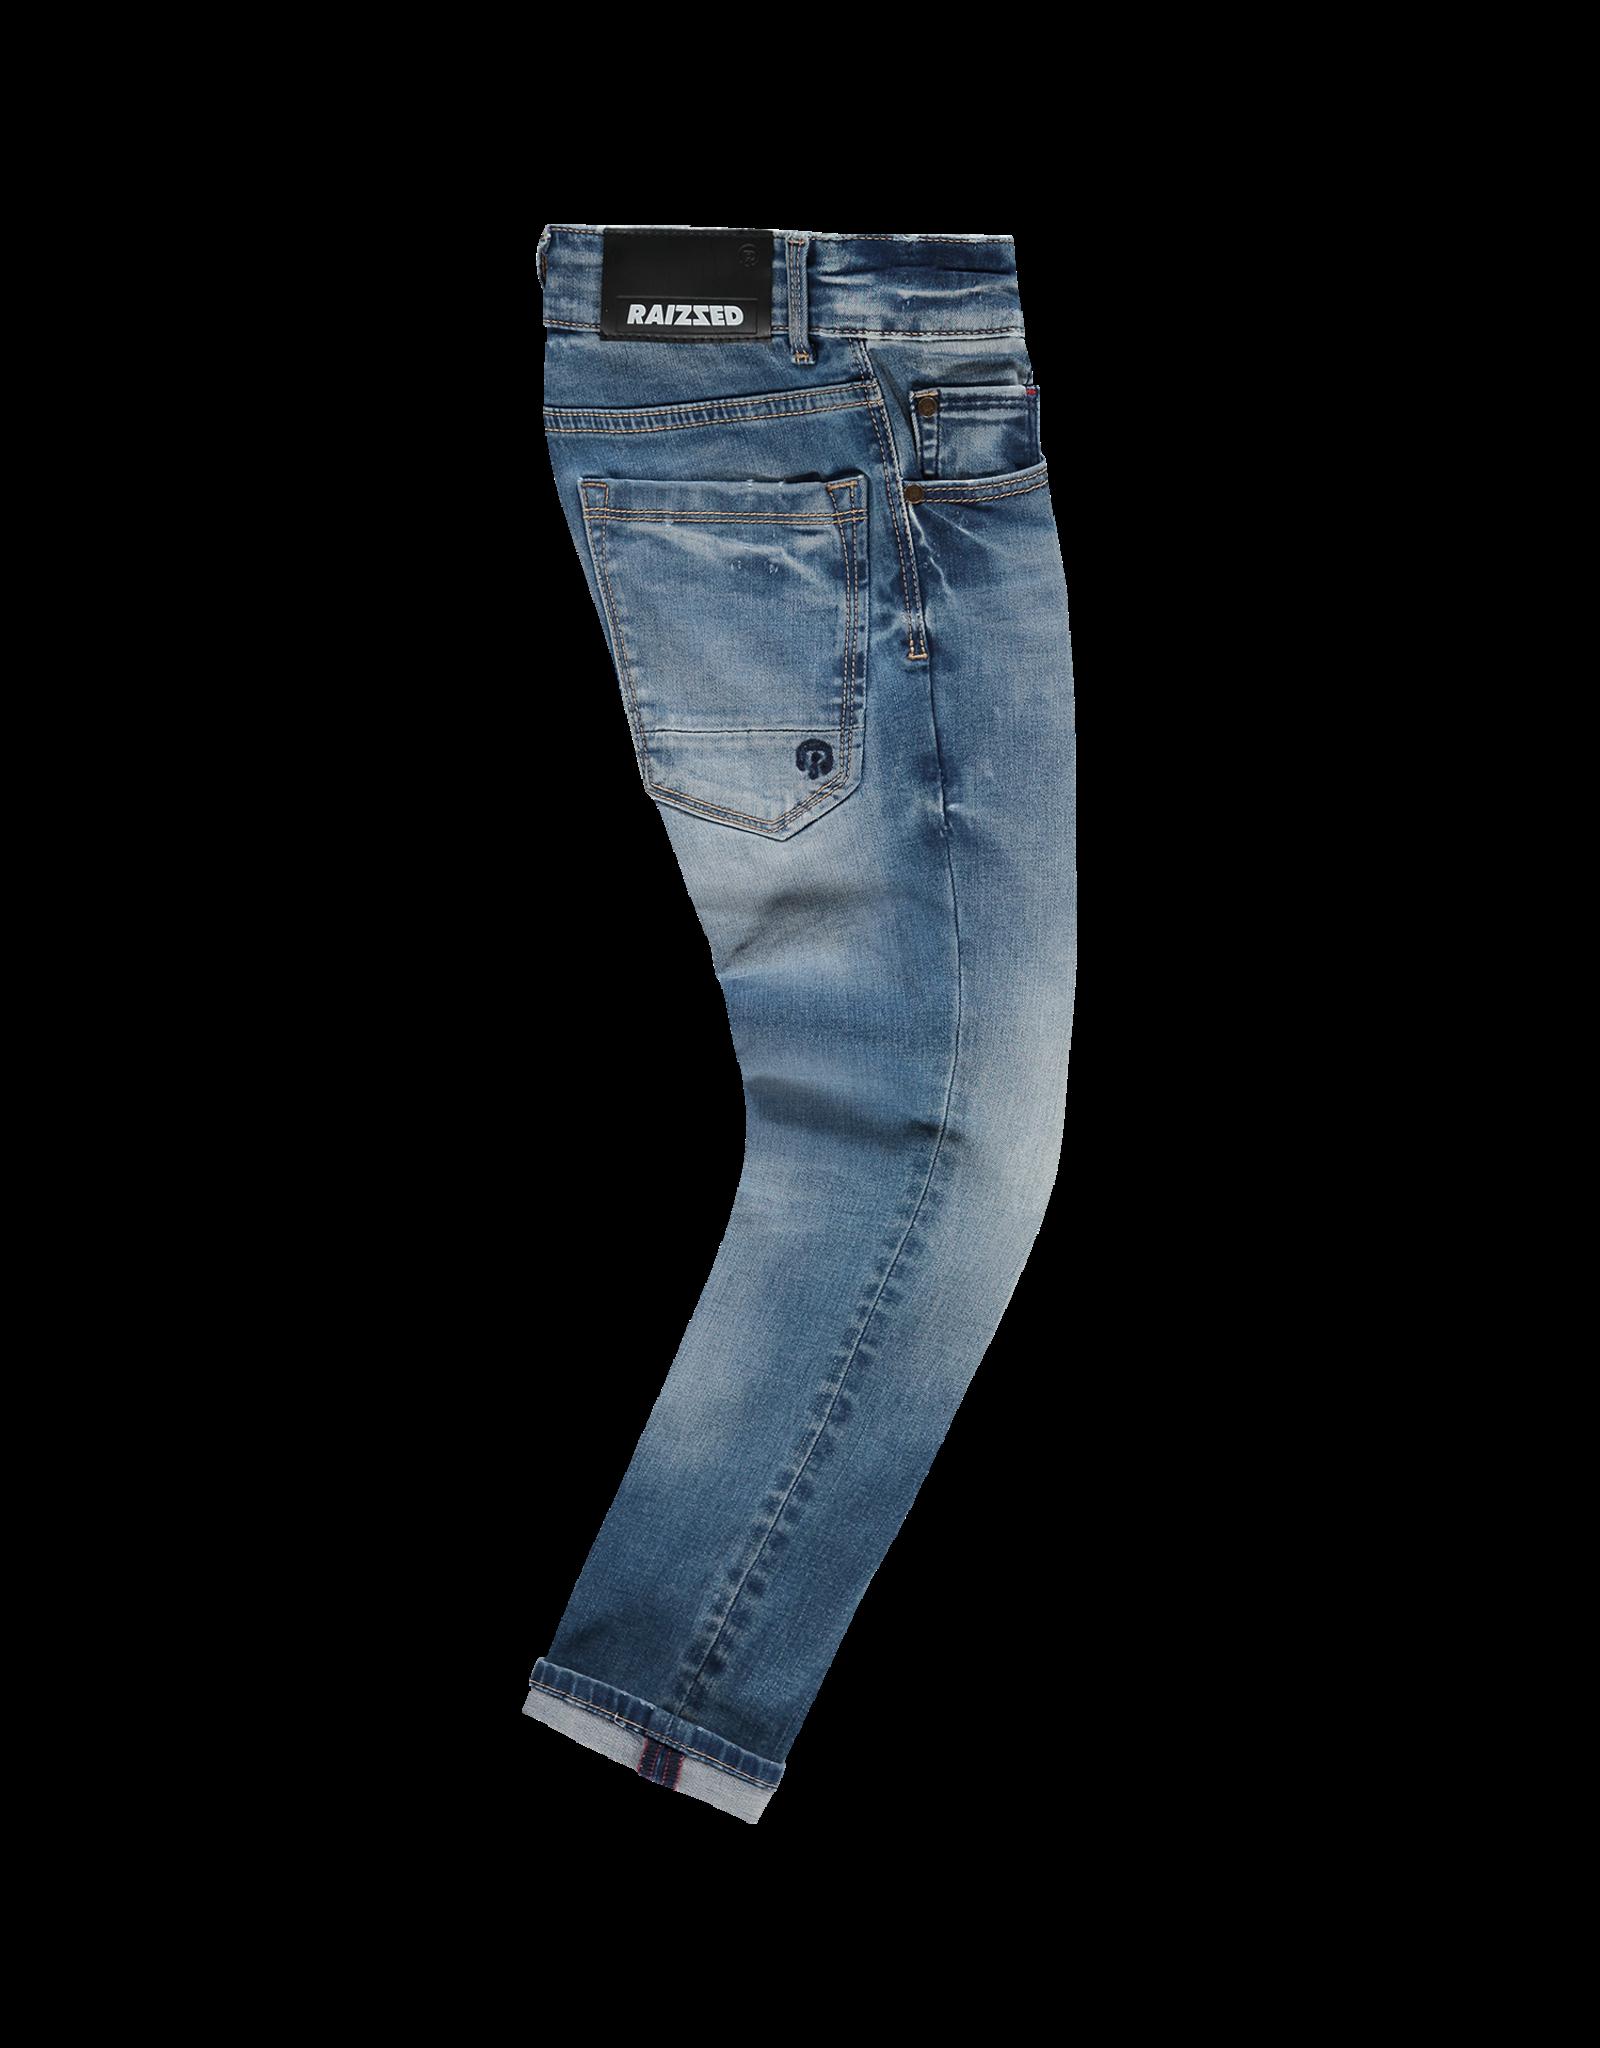 Raizzed Jeans Tokyo Mid Blue Stone